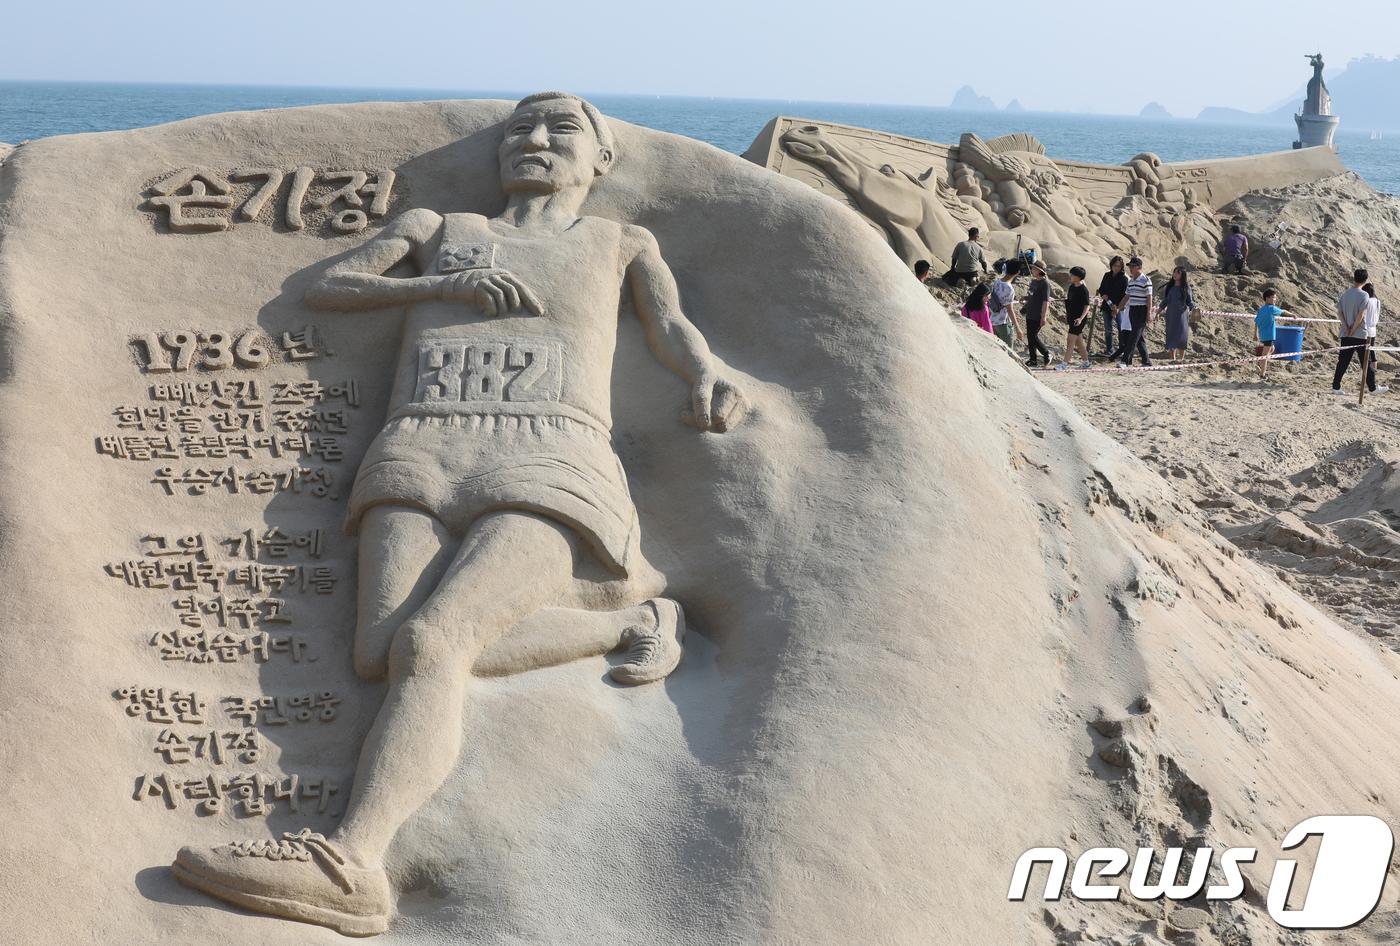 해운대 해변에서 만나는 영웅 모래조각